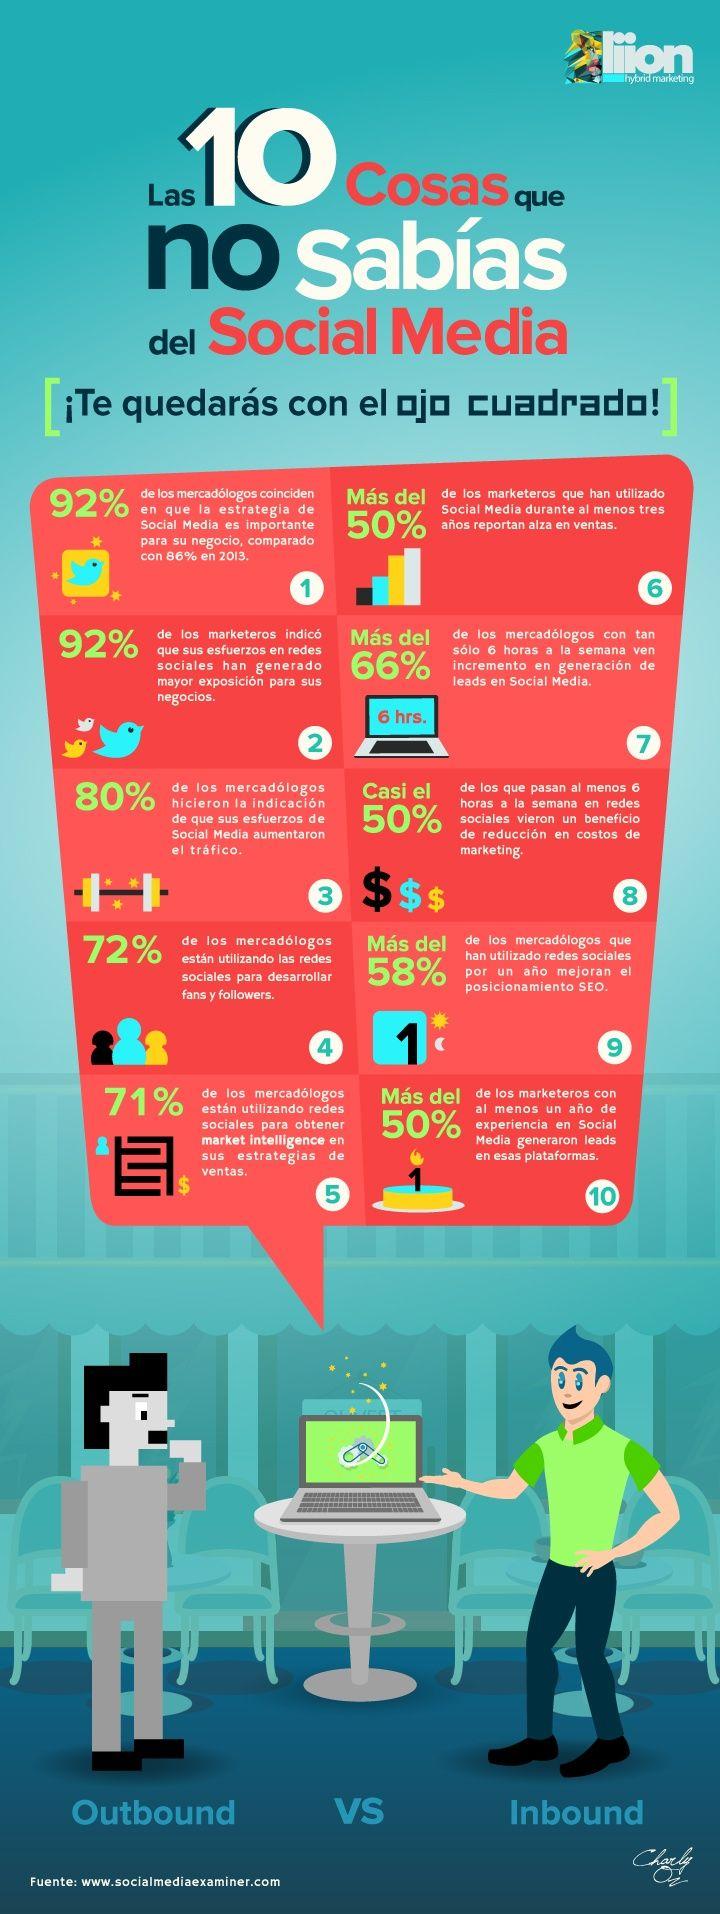 #Inboundmx: El sexto análisis del estado de #SocialMedia Marketing 2014 publicado por Social Media Examiner incluyó una sección fascinante sobre el #ROI ➜ http://l.liion.mx/1ElLsLM